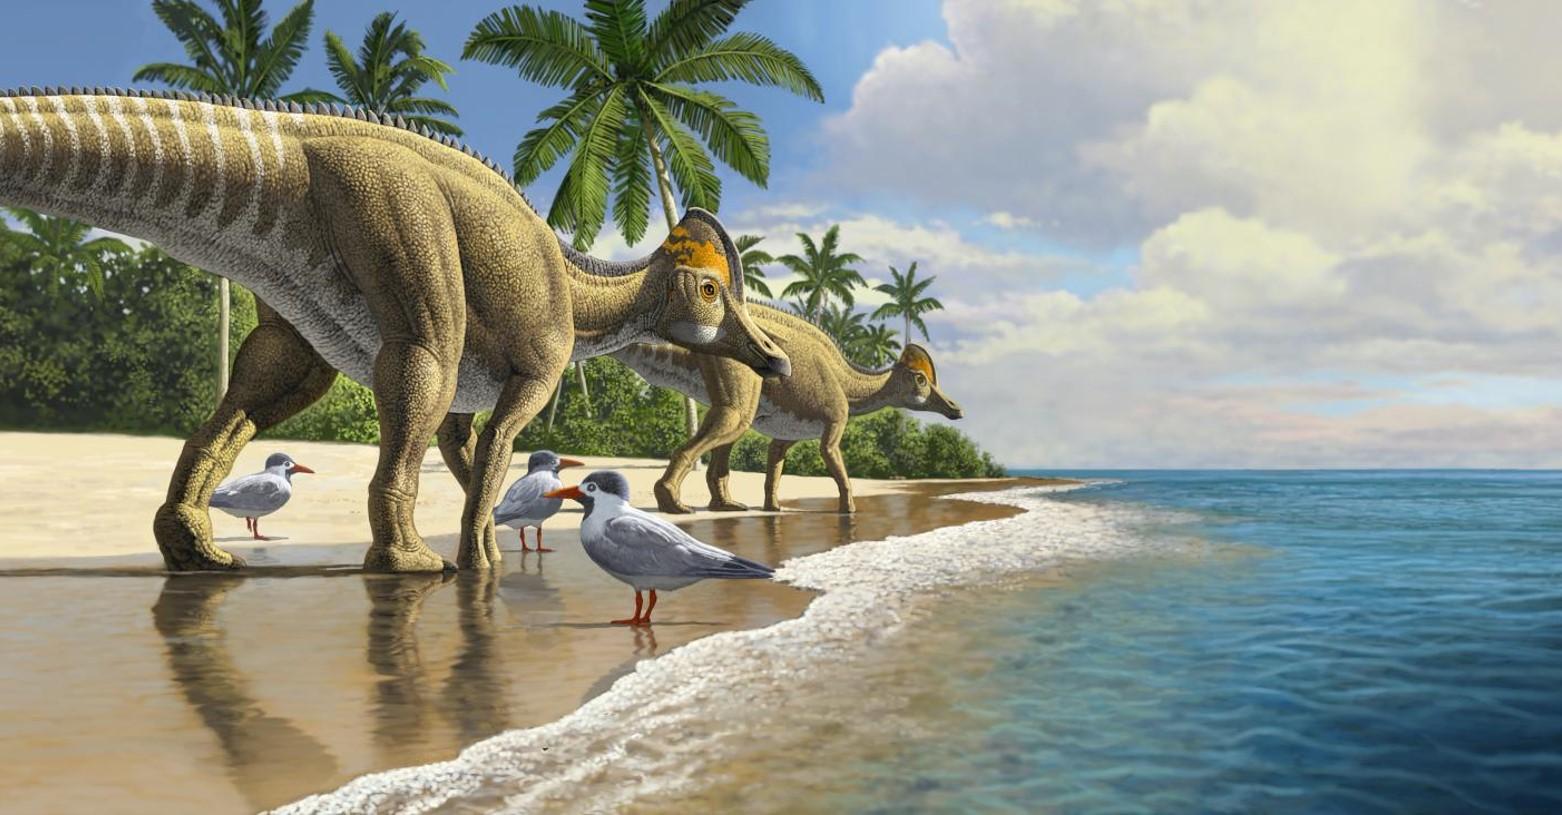 dinoszauruszok_odusszeiaja_fb.jpg